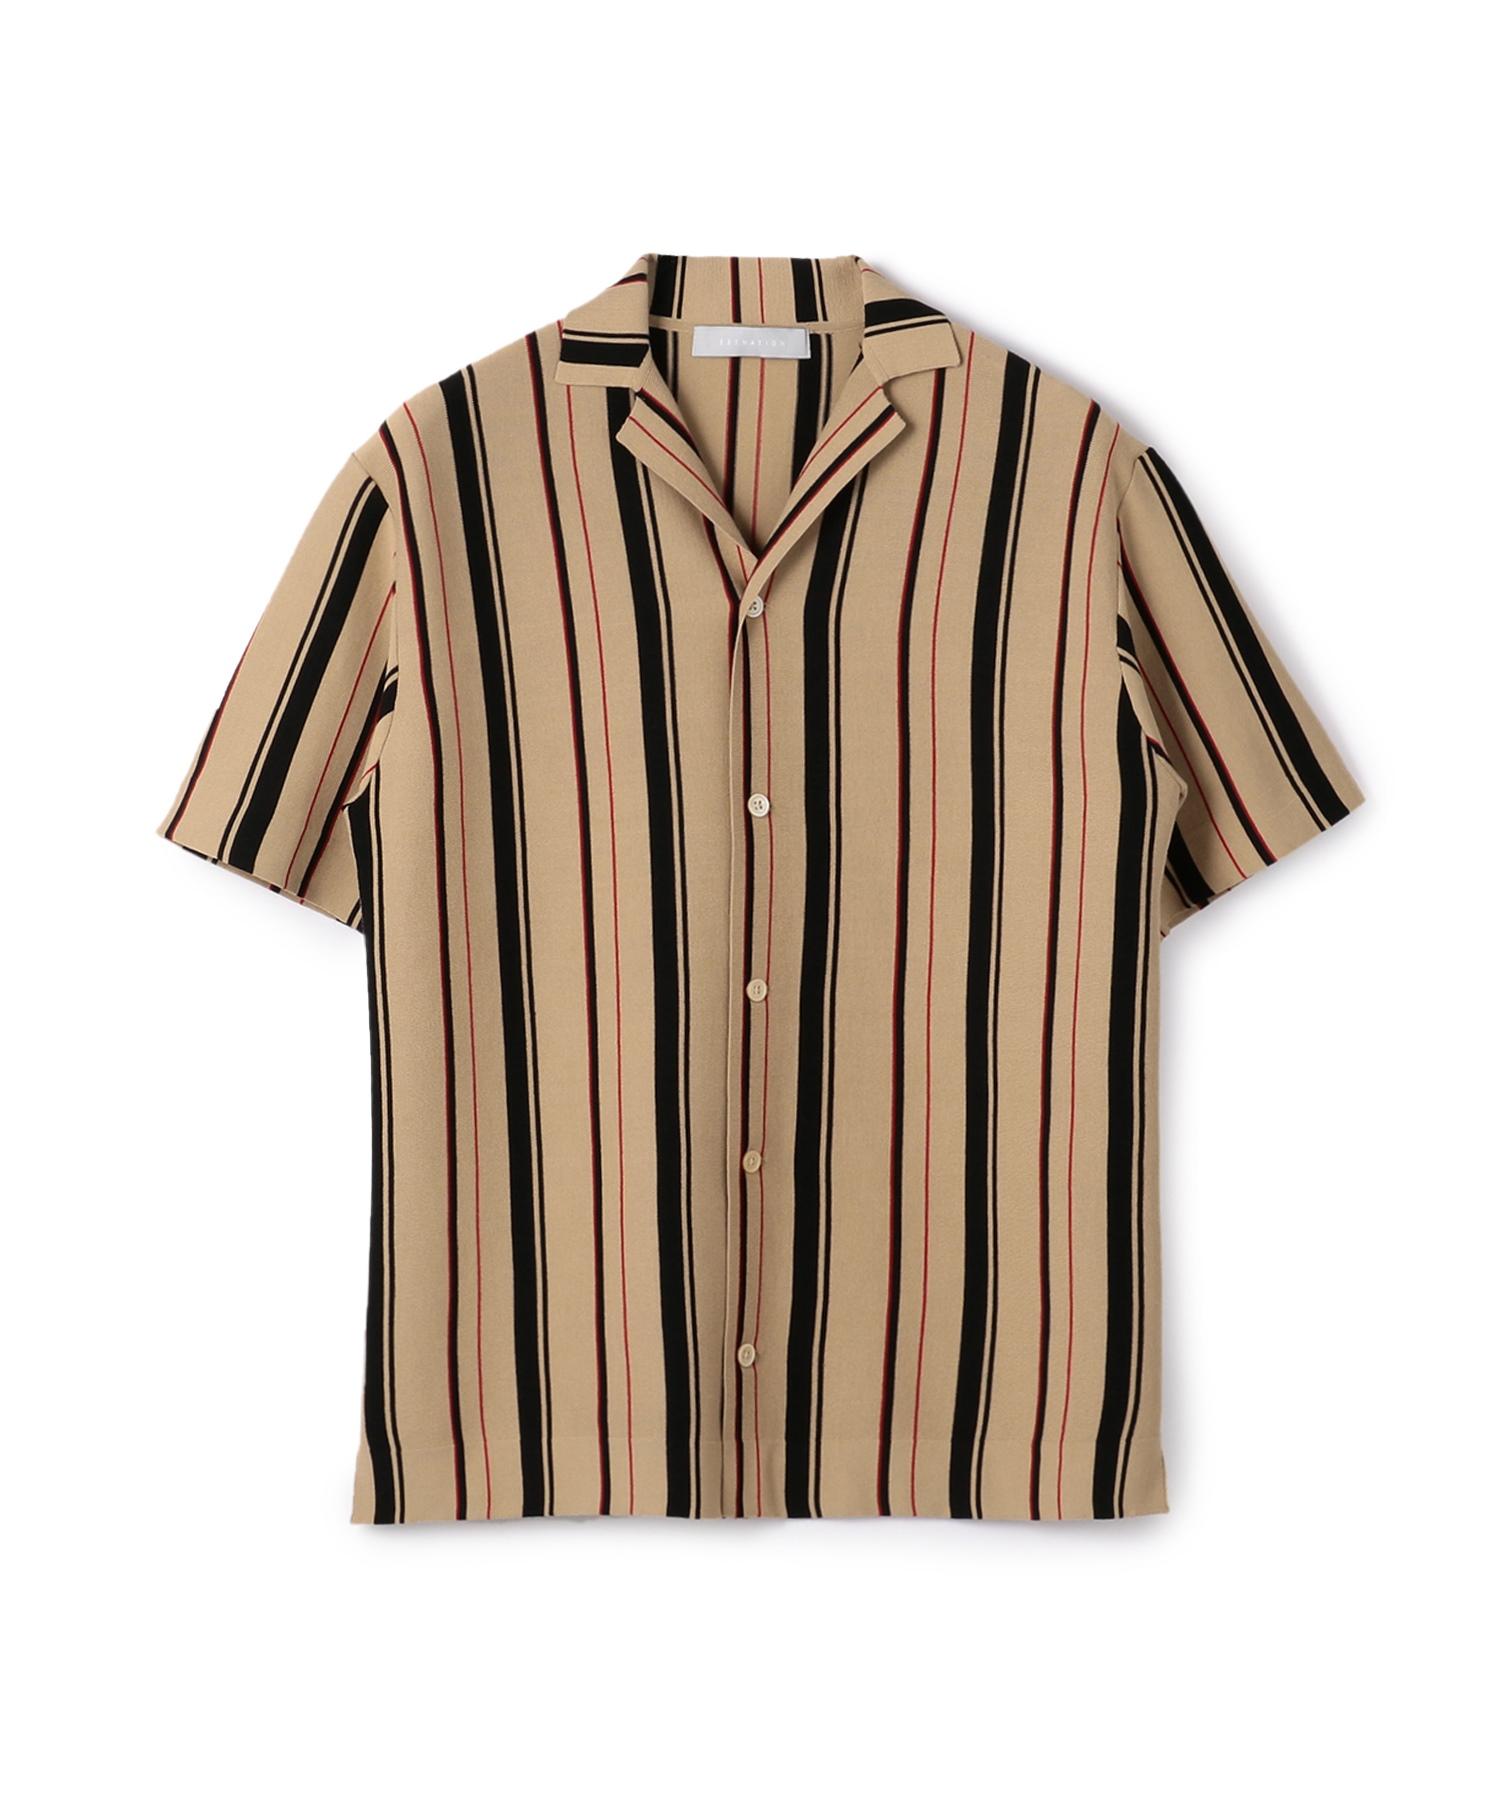 ESTNATION / ストライプ柄ウォッシャブル半袖ニットシャツ